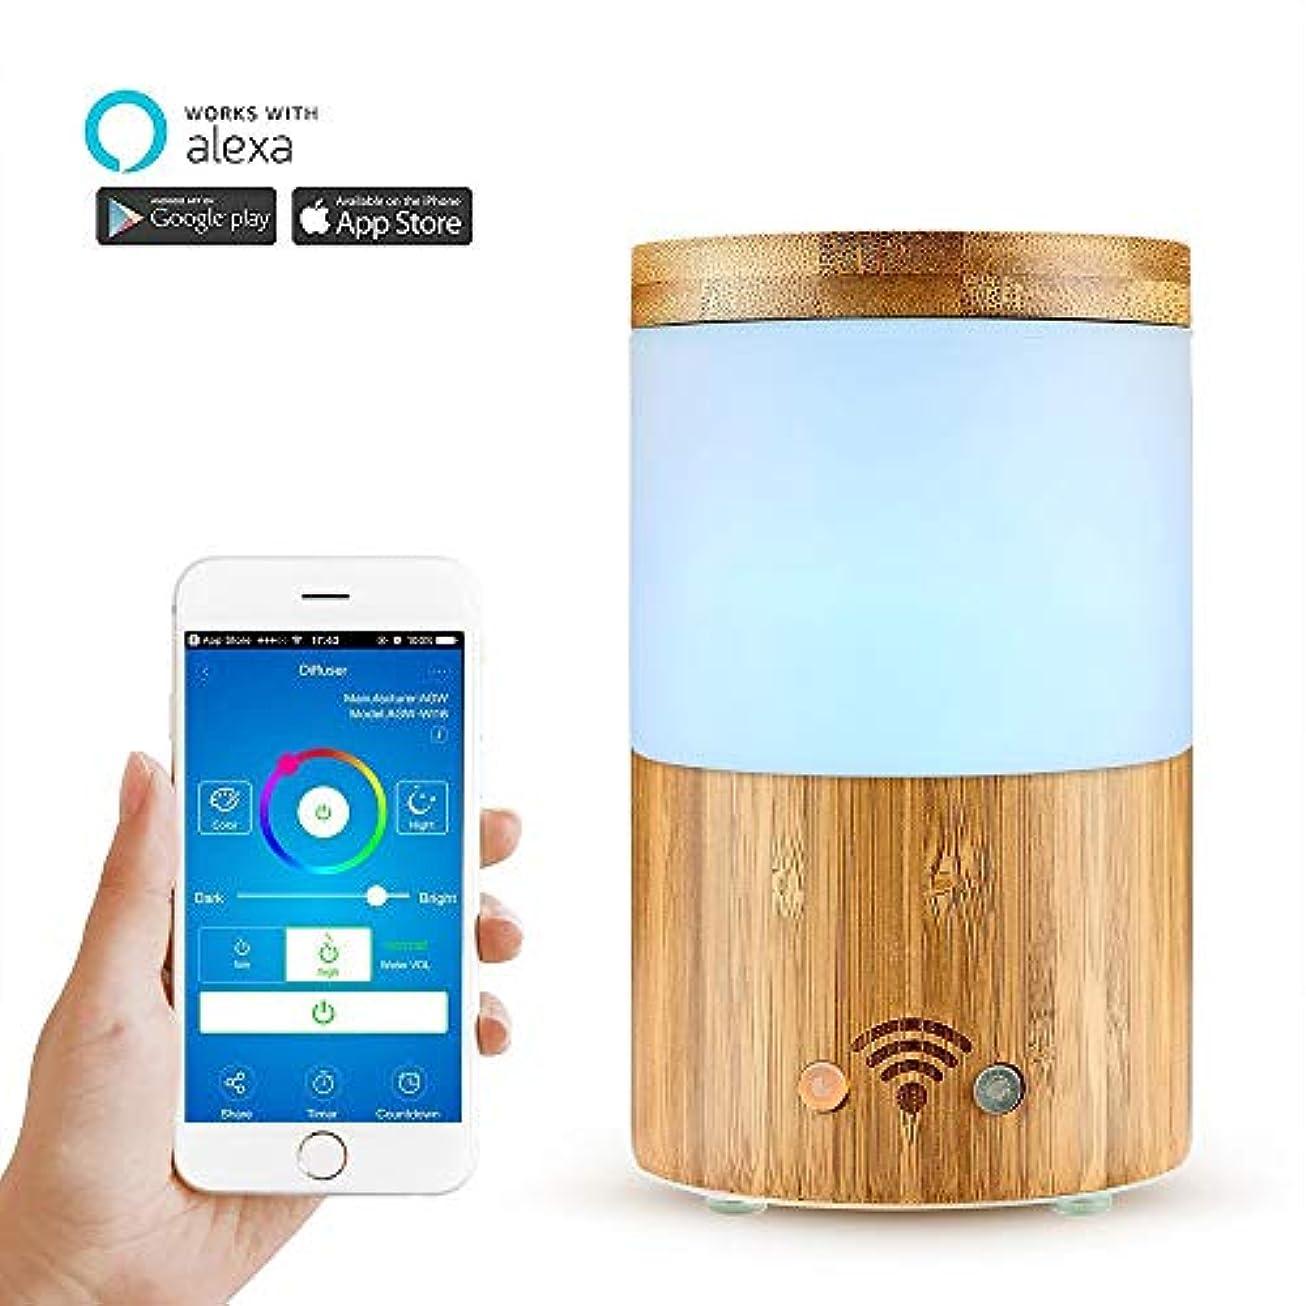 広々不当に渡ってWifiワイヤレスアロマエッセンシャルオイルディフューザー、電話アプリ、音声コントロール-スケジュールの作成-160mlディフューザーと加湿器-LEDとタイマーの設定